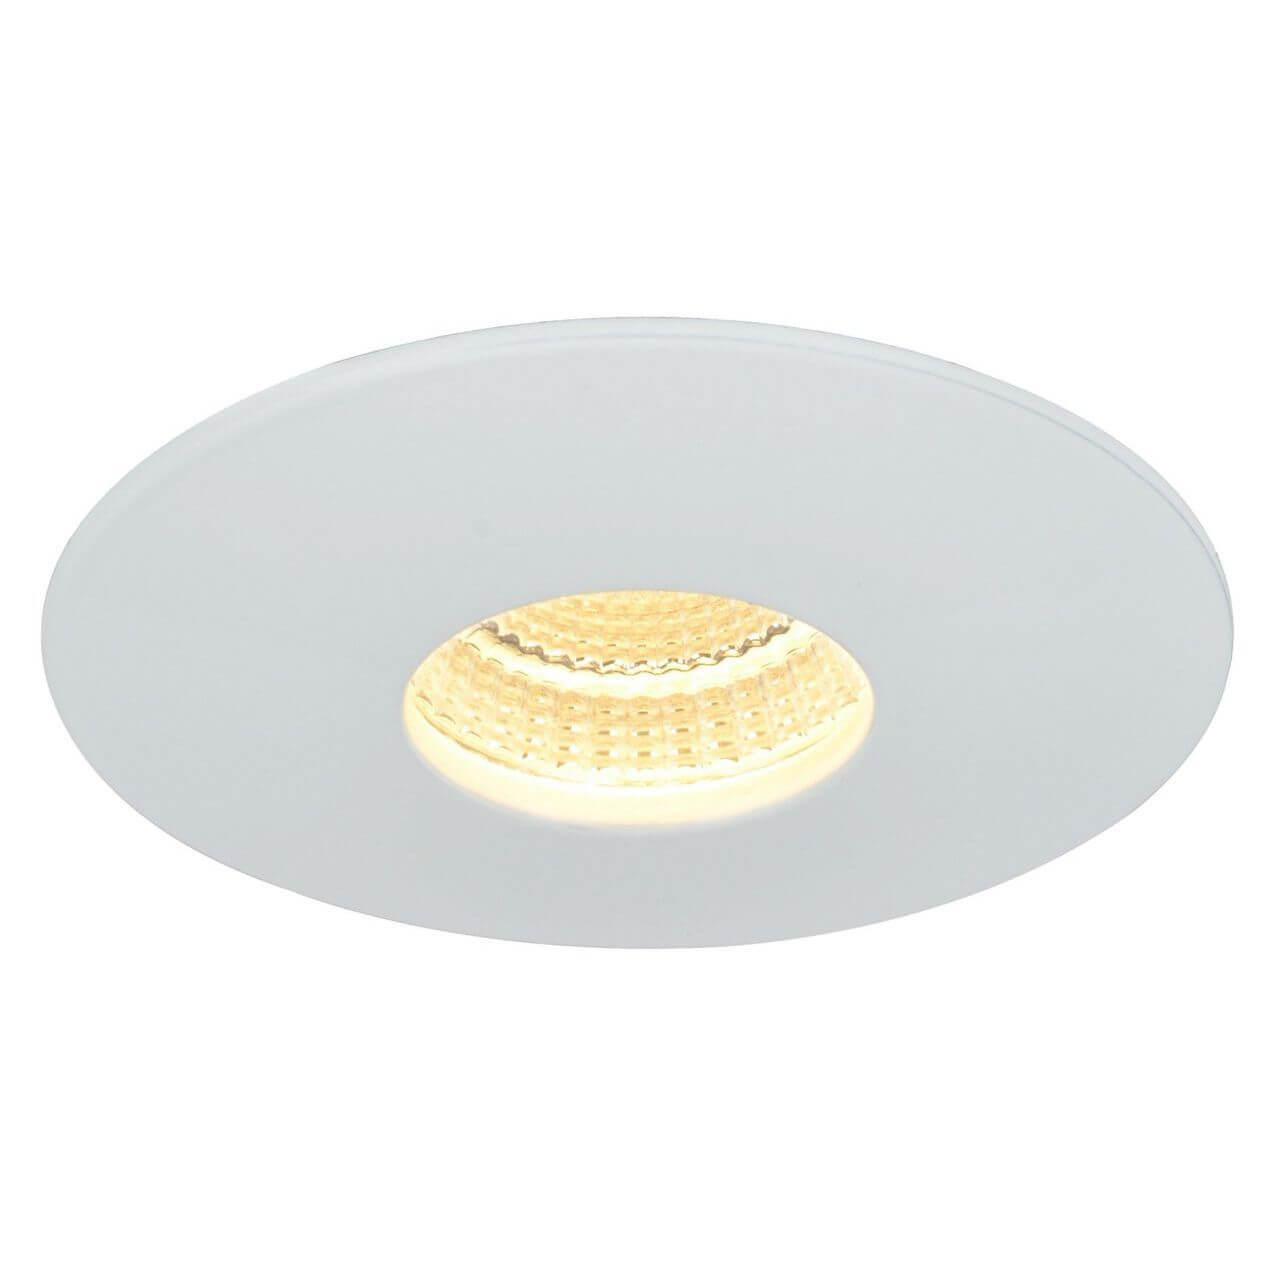 Встраиваемый светодиодный светильник Arte Lamp Track Lights A5438PL-1WH цена 2017